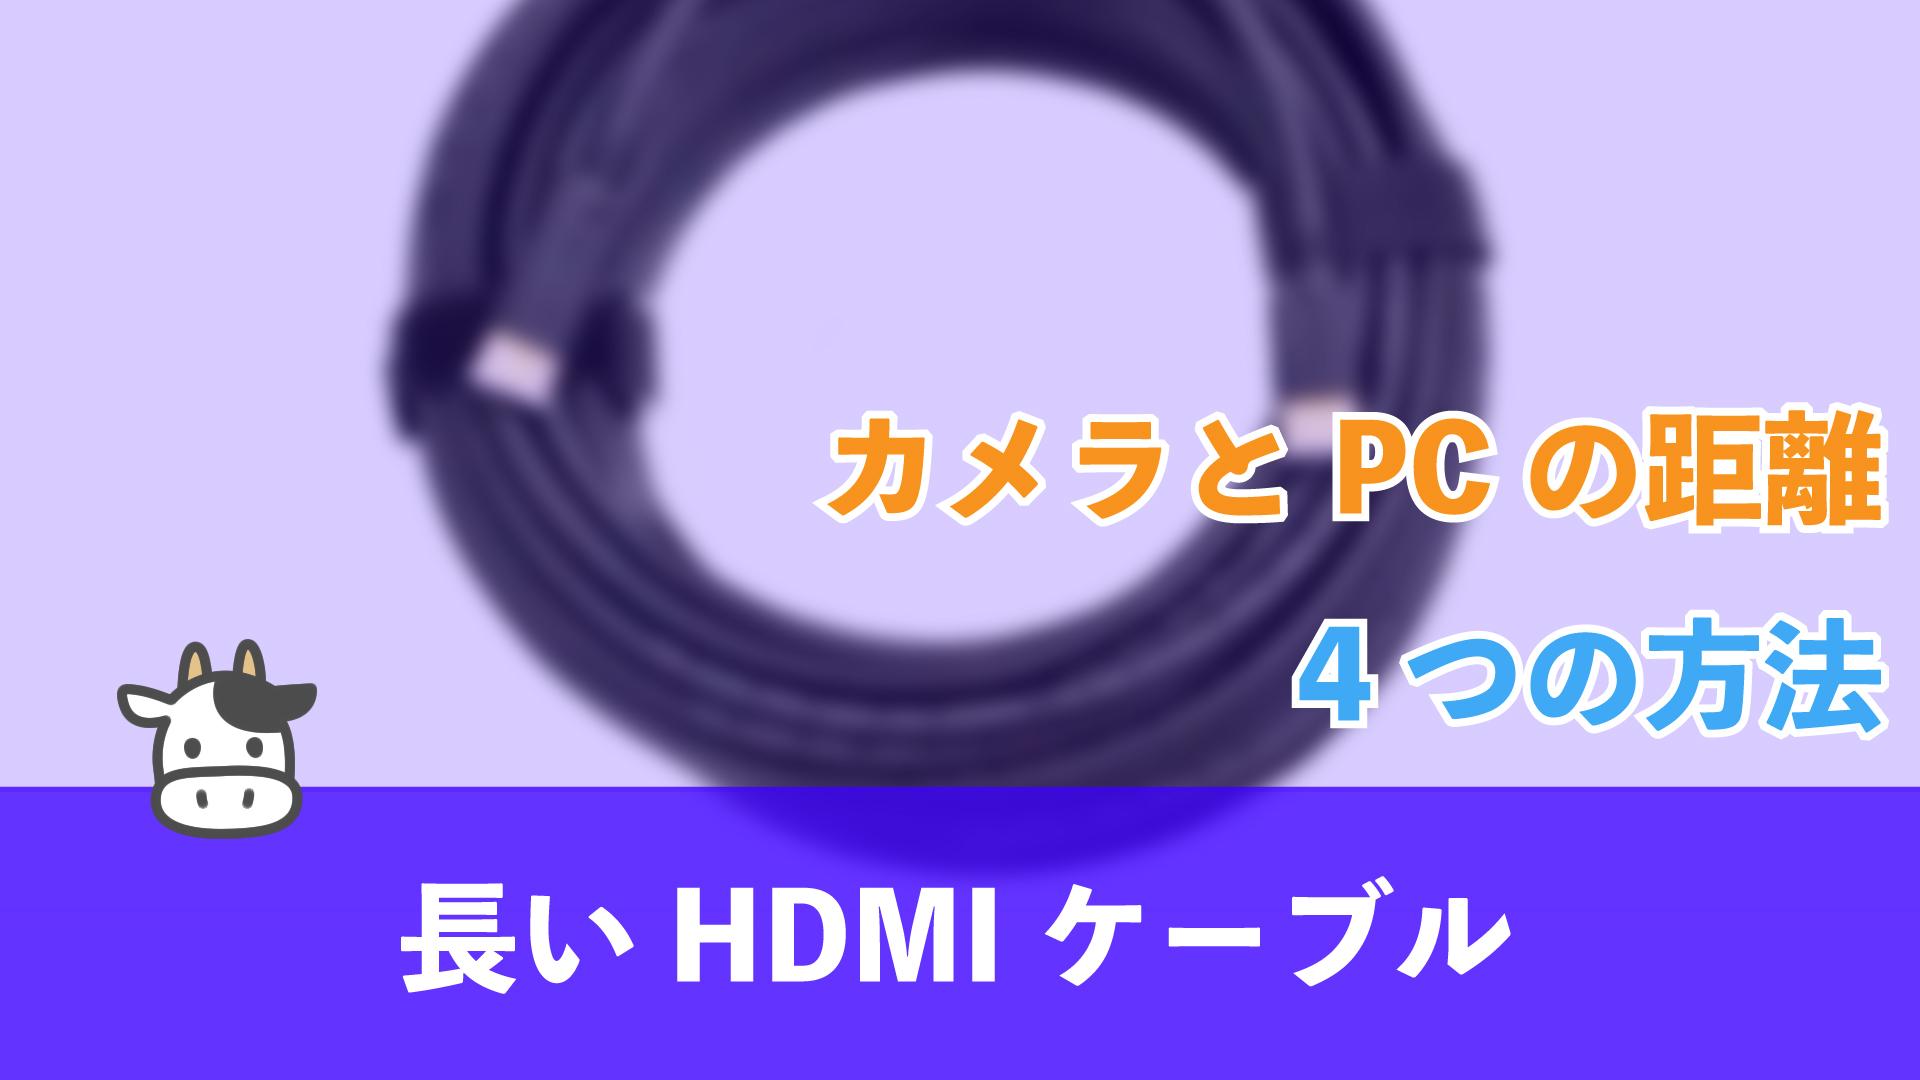 HDMIの長いケーブル・距離の稼ぎ方